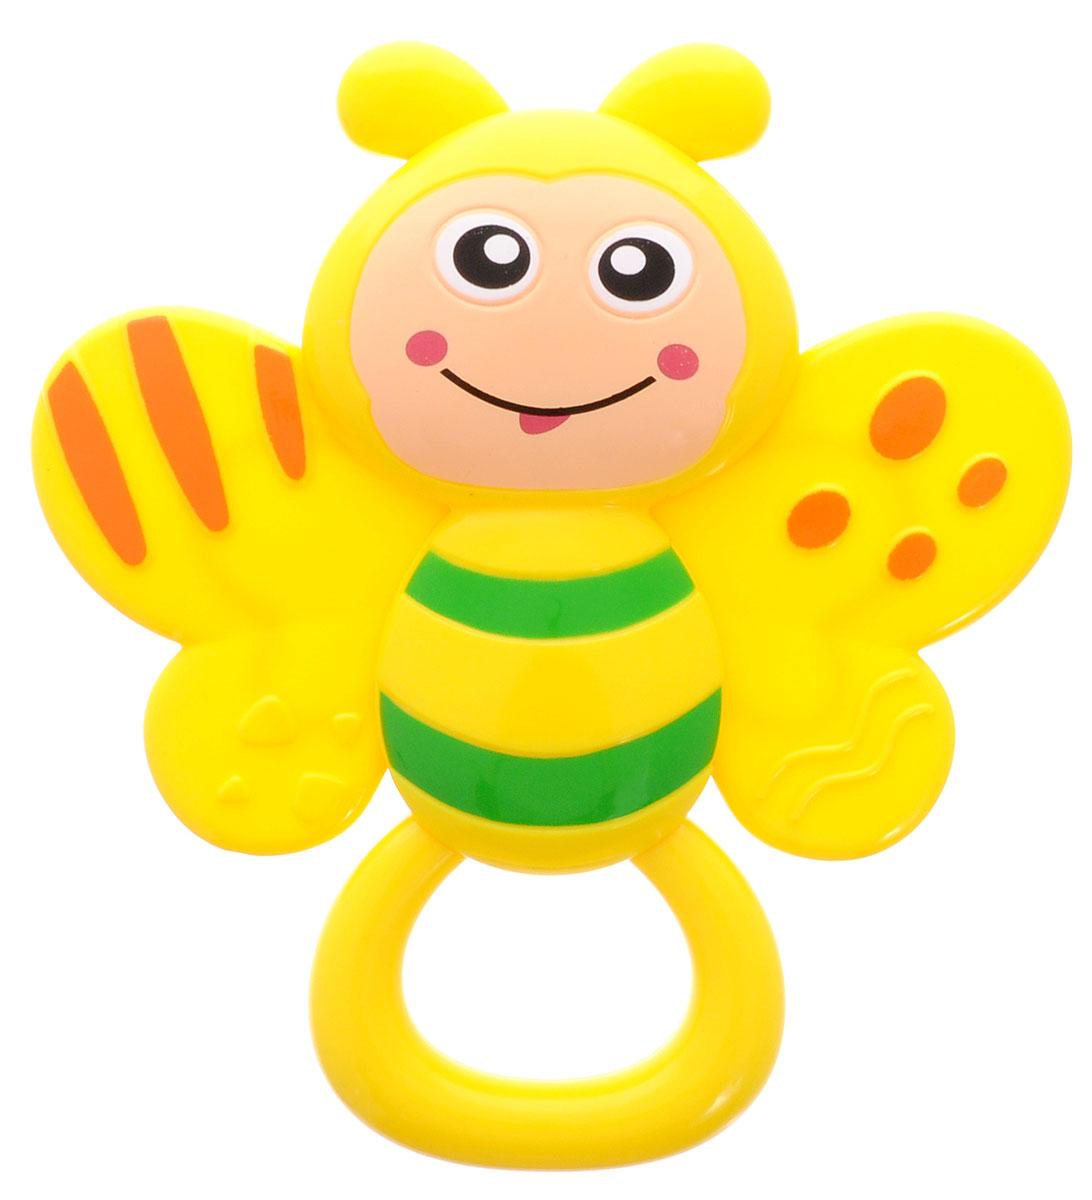 Умка Погремушка Бабочка цвет желтыйB1465647-RЗамечательная игрушка-погремушка Умка Бабочка вызовет улыбку и положительные эмоции у вашего малыша. Погремушка сочетает в себе яркие элементы с различными функциональными возможностями. Кольцо погремушки очень удобно для захвата маленькими детскими пальчиками, поэтому при помощи этой игрушки малыша будет легко научить удерживать предметы. В игровой форме малыш ознакомится с такими понятиями, как звук, цвет и форма предмета. Благодаря данной игрушке ребенок будет развивать мелкую моторику и воображение.